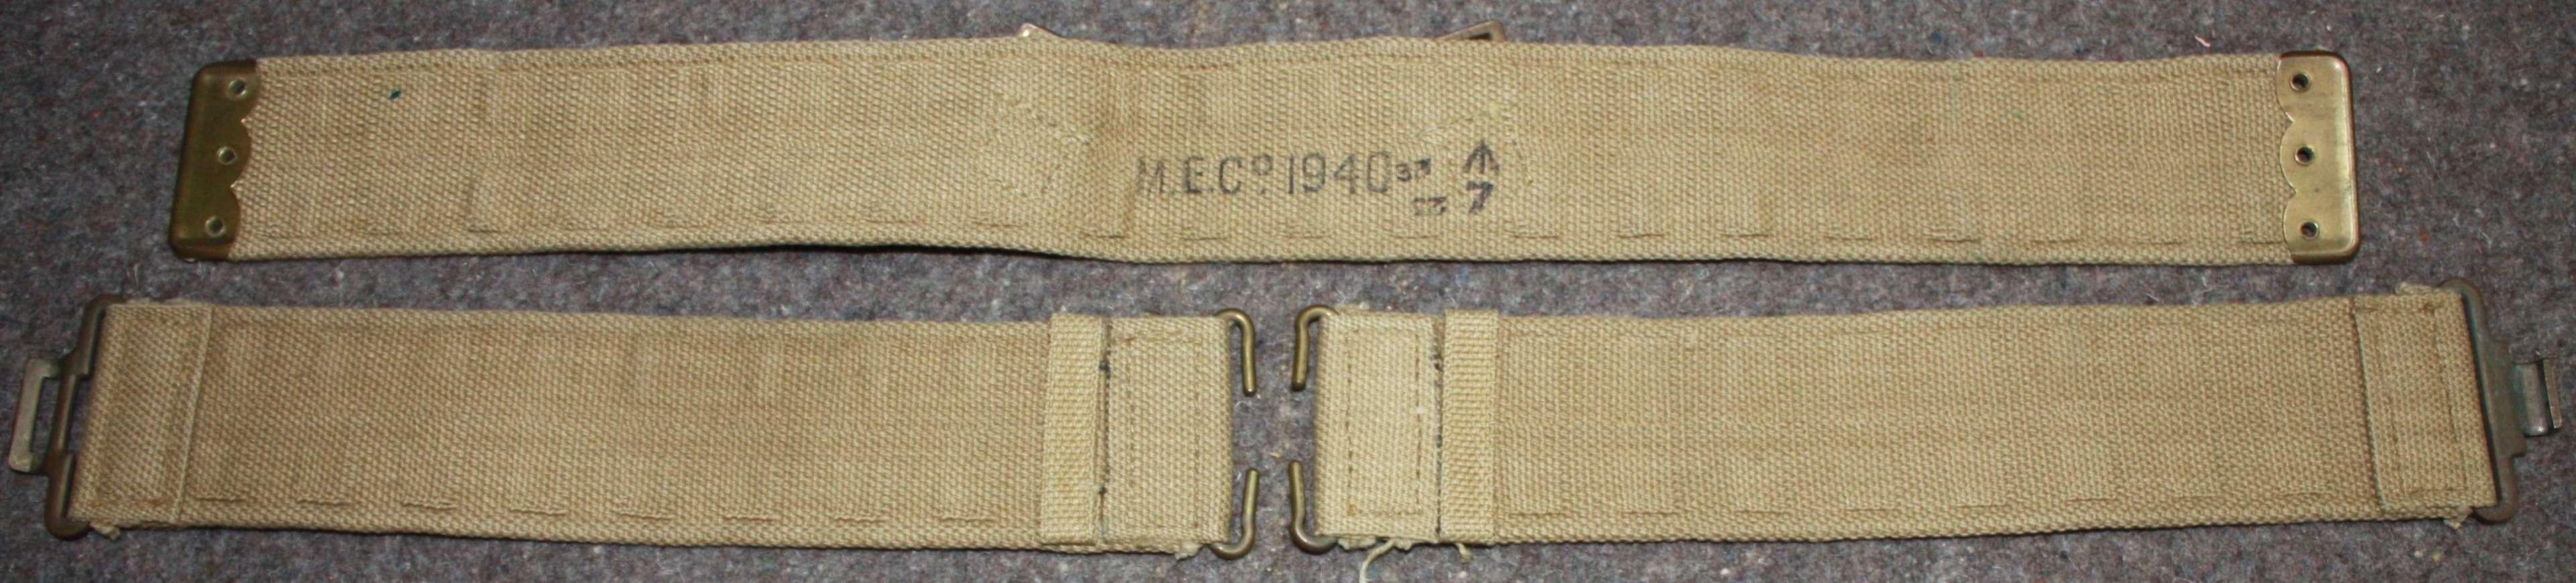 A NEAR MINT NAVY 19 PATTERN 1940 DATED WEBBING BELT